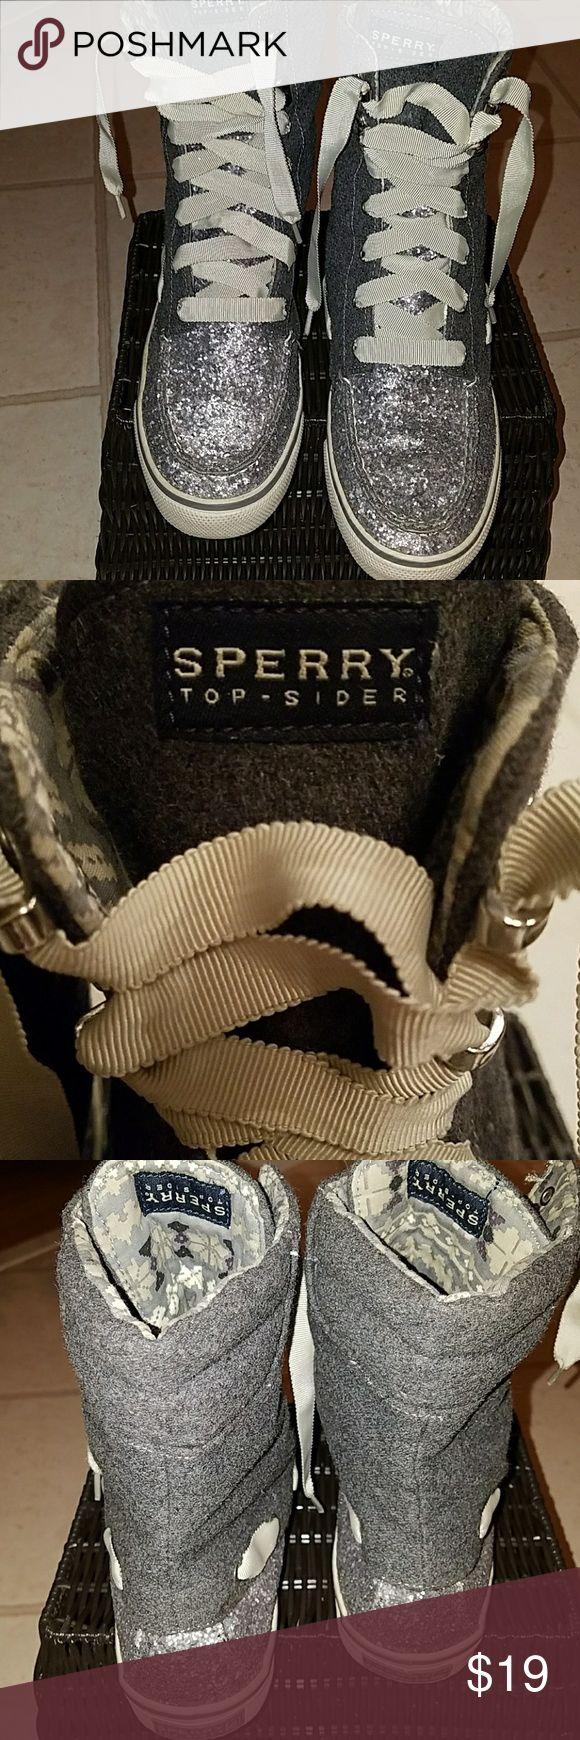 Sperry High Tops Sperry High Tops Sperry Top-Sider Shoes